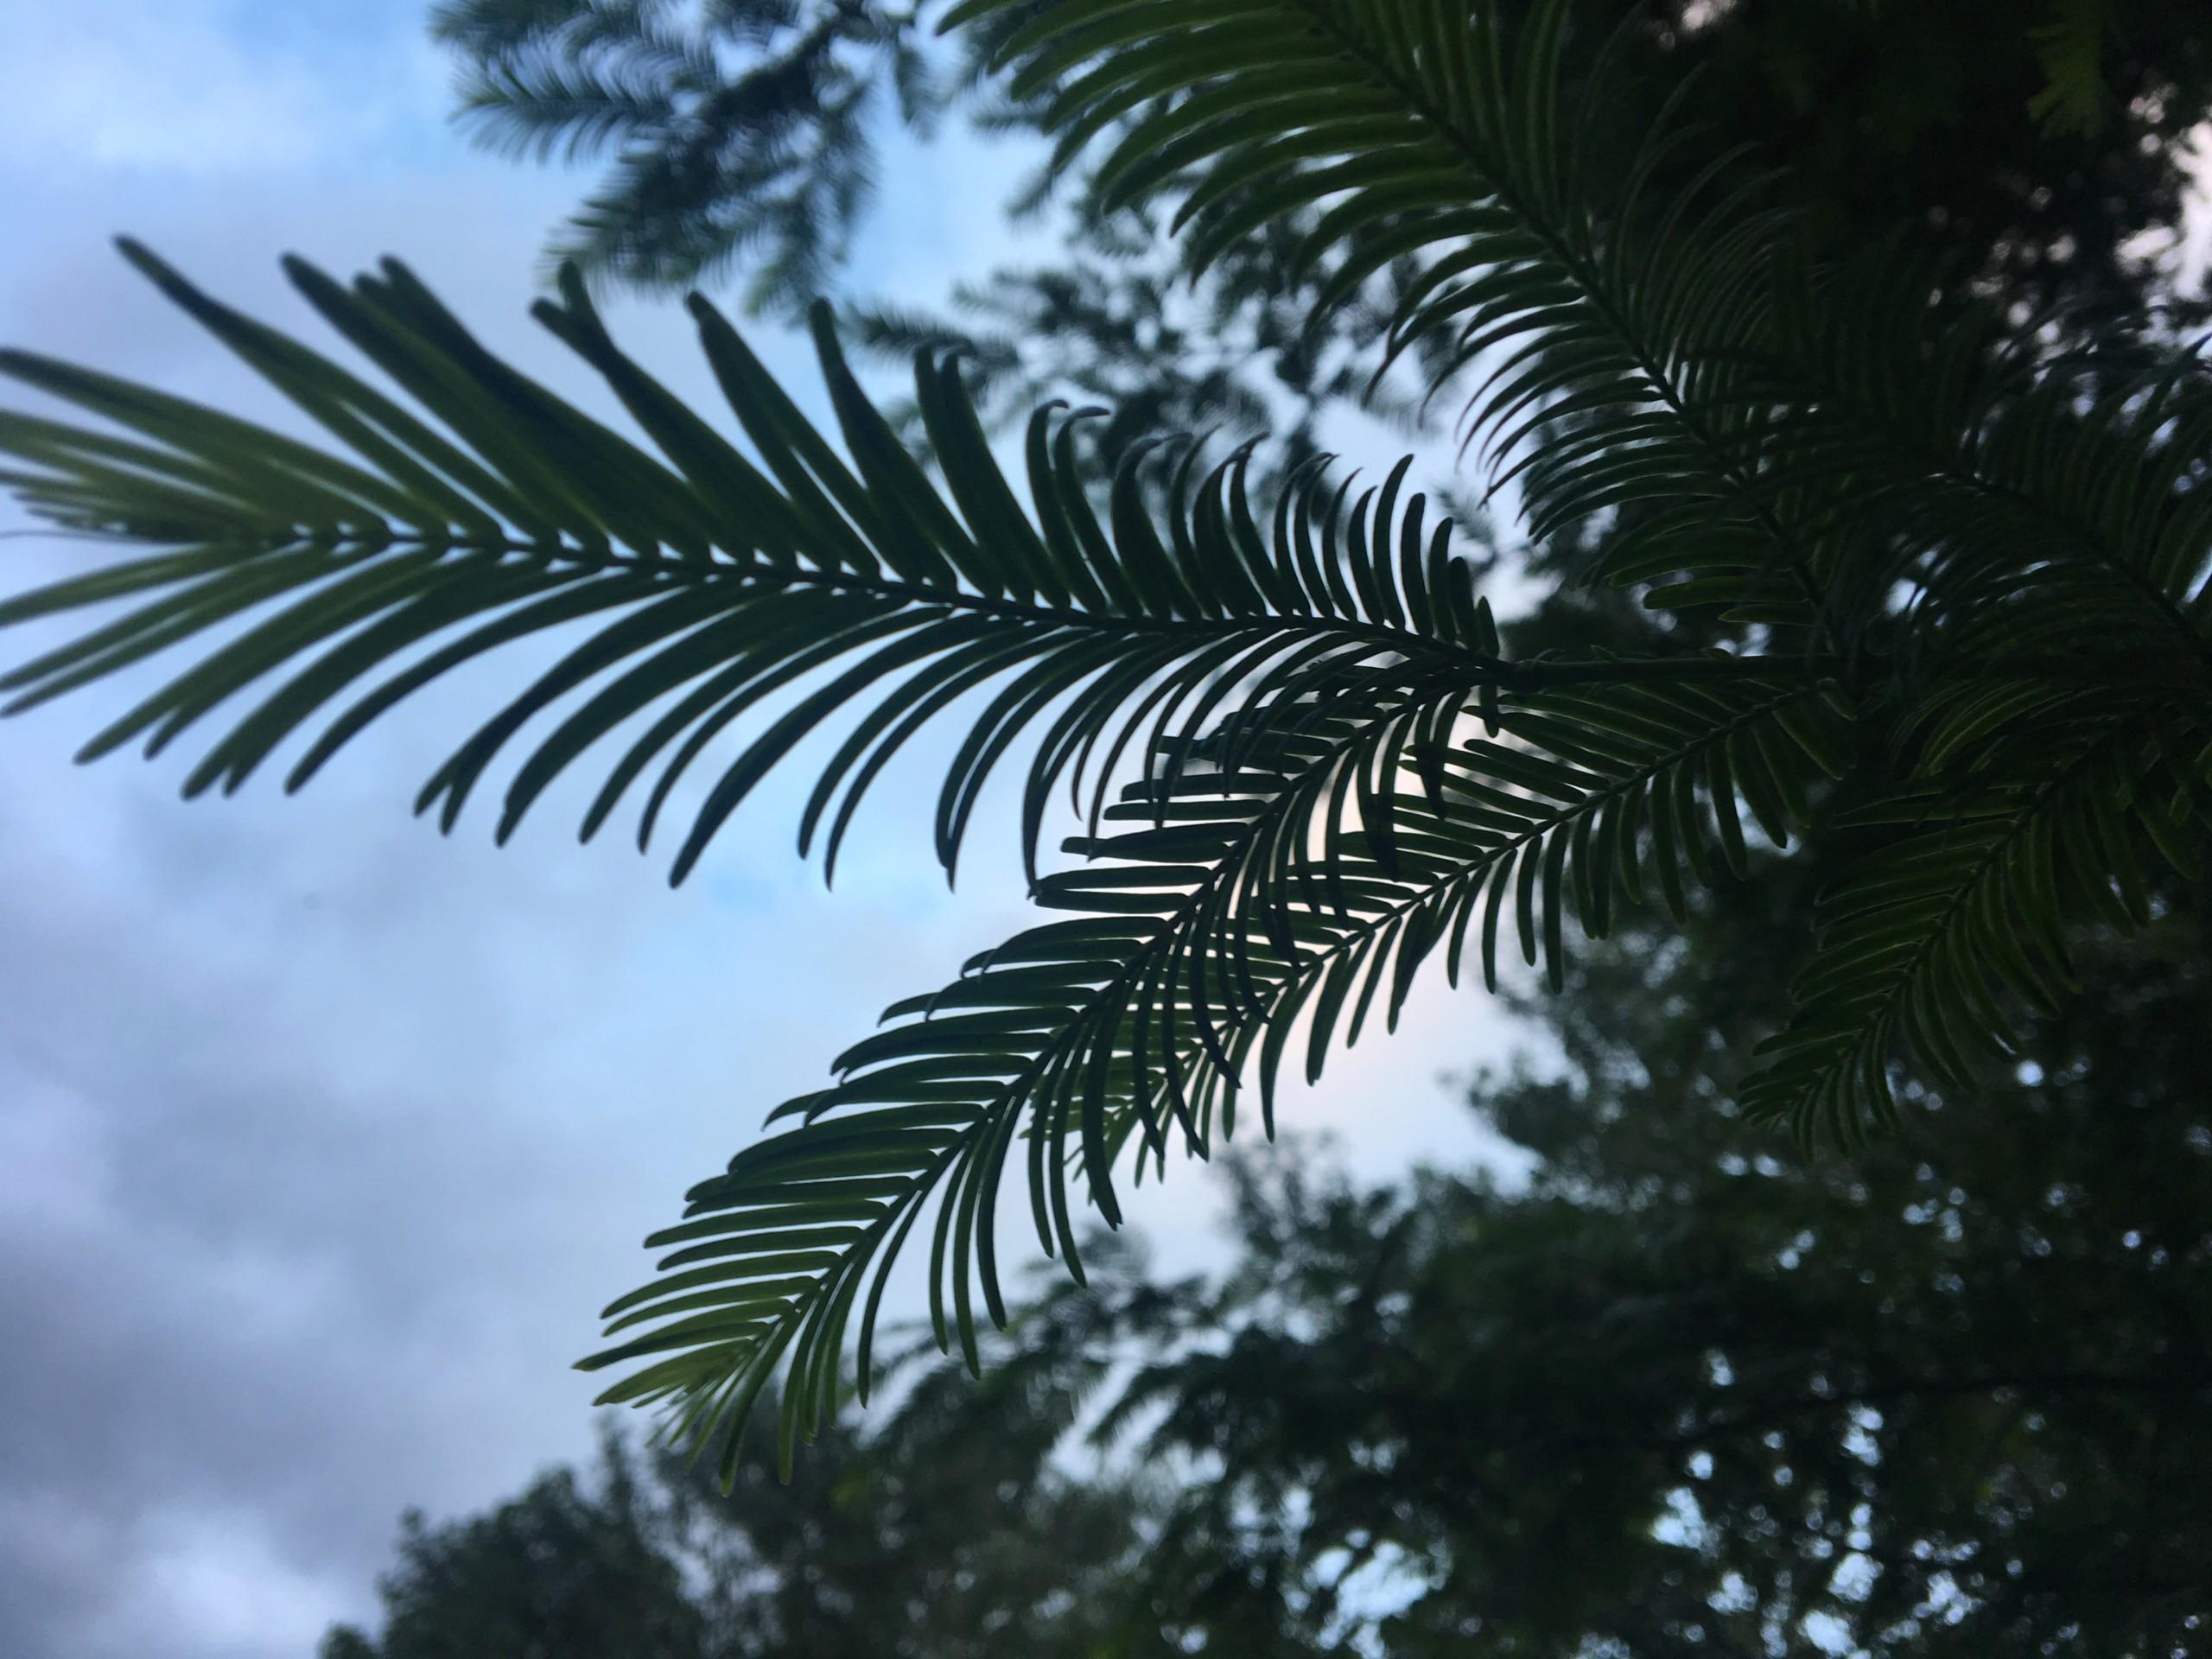 ¿Sabéis que árbol es? Ee772110